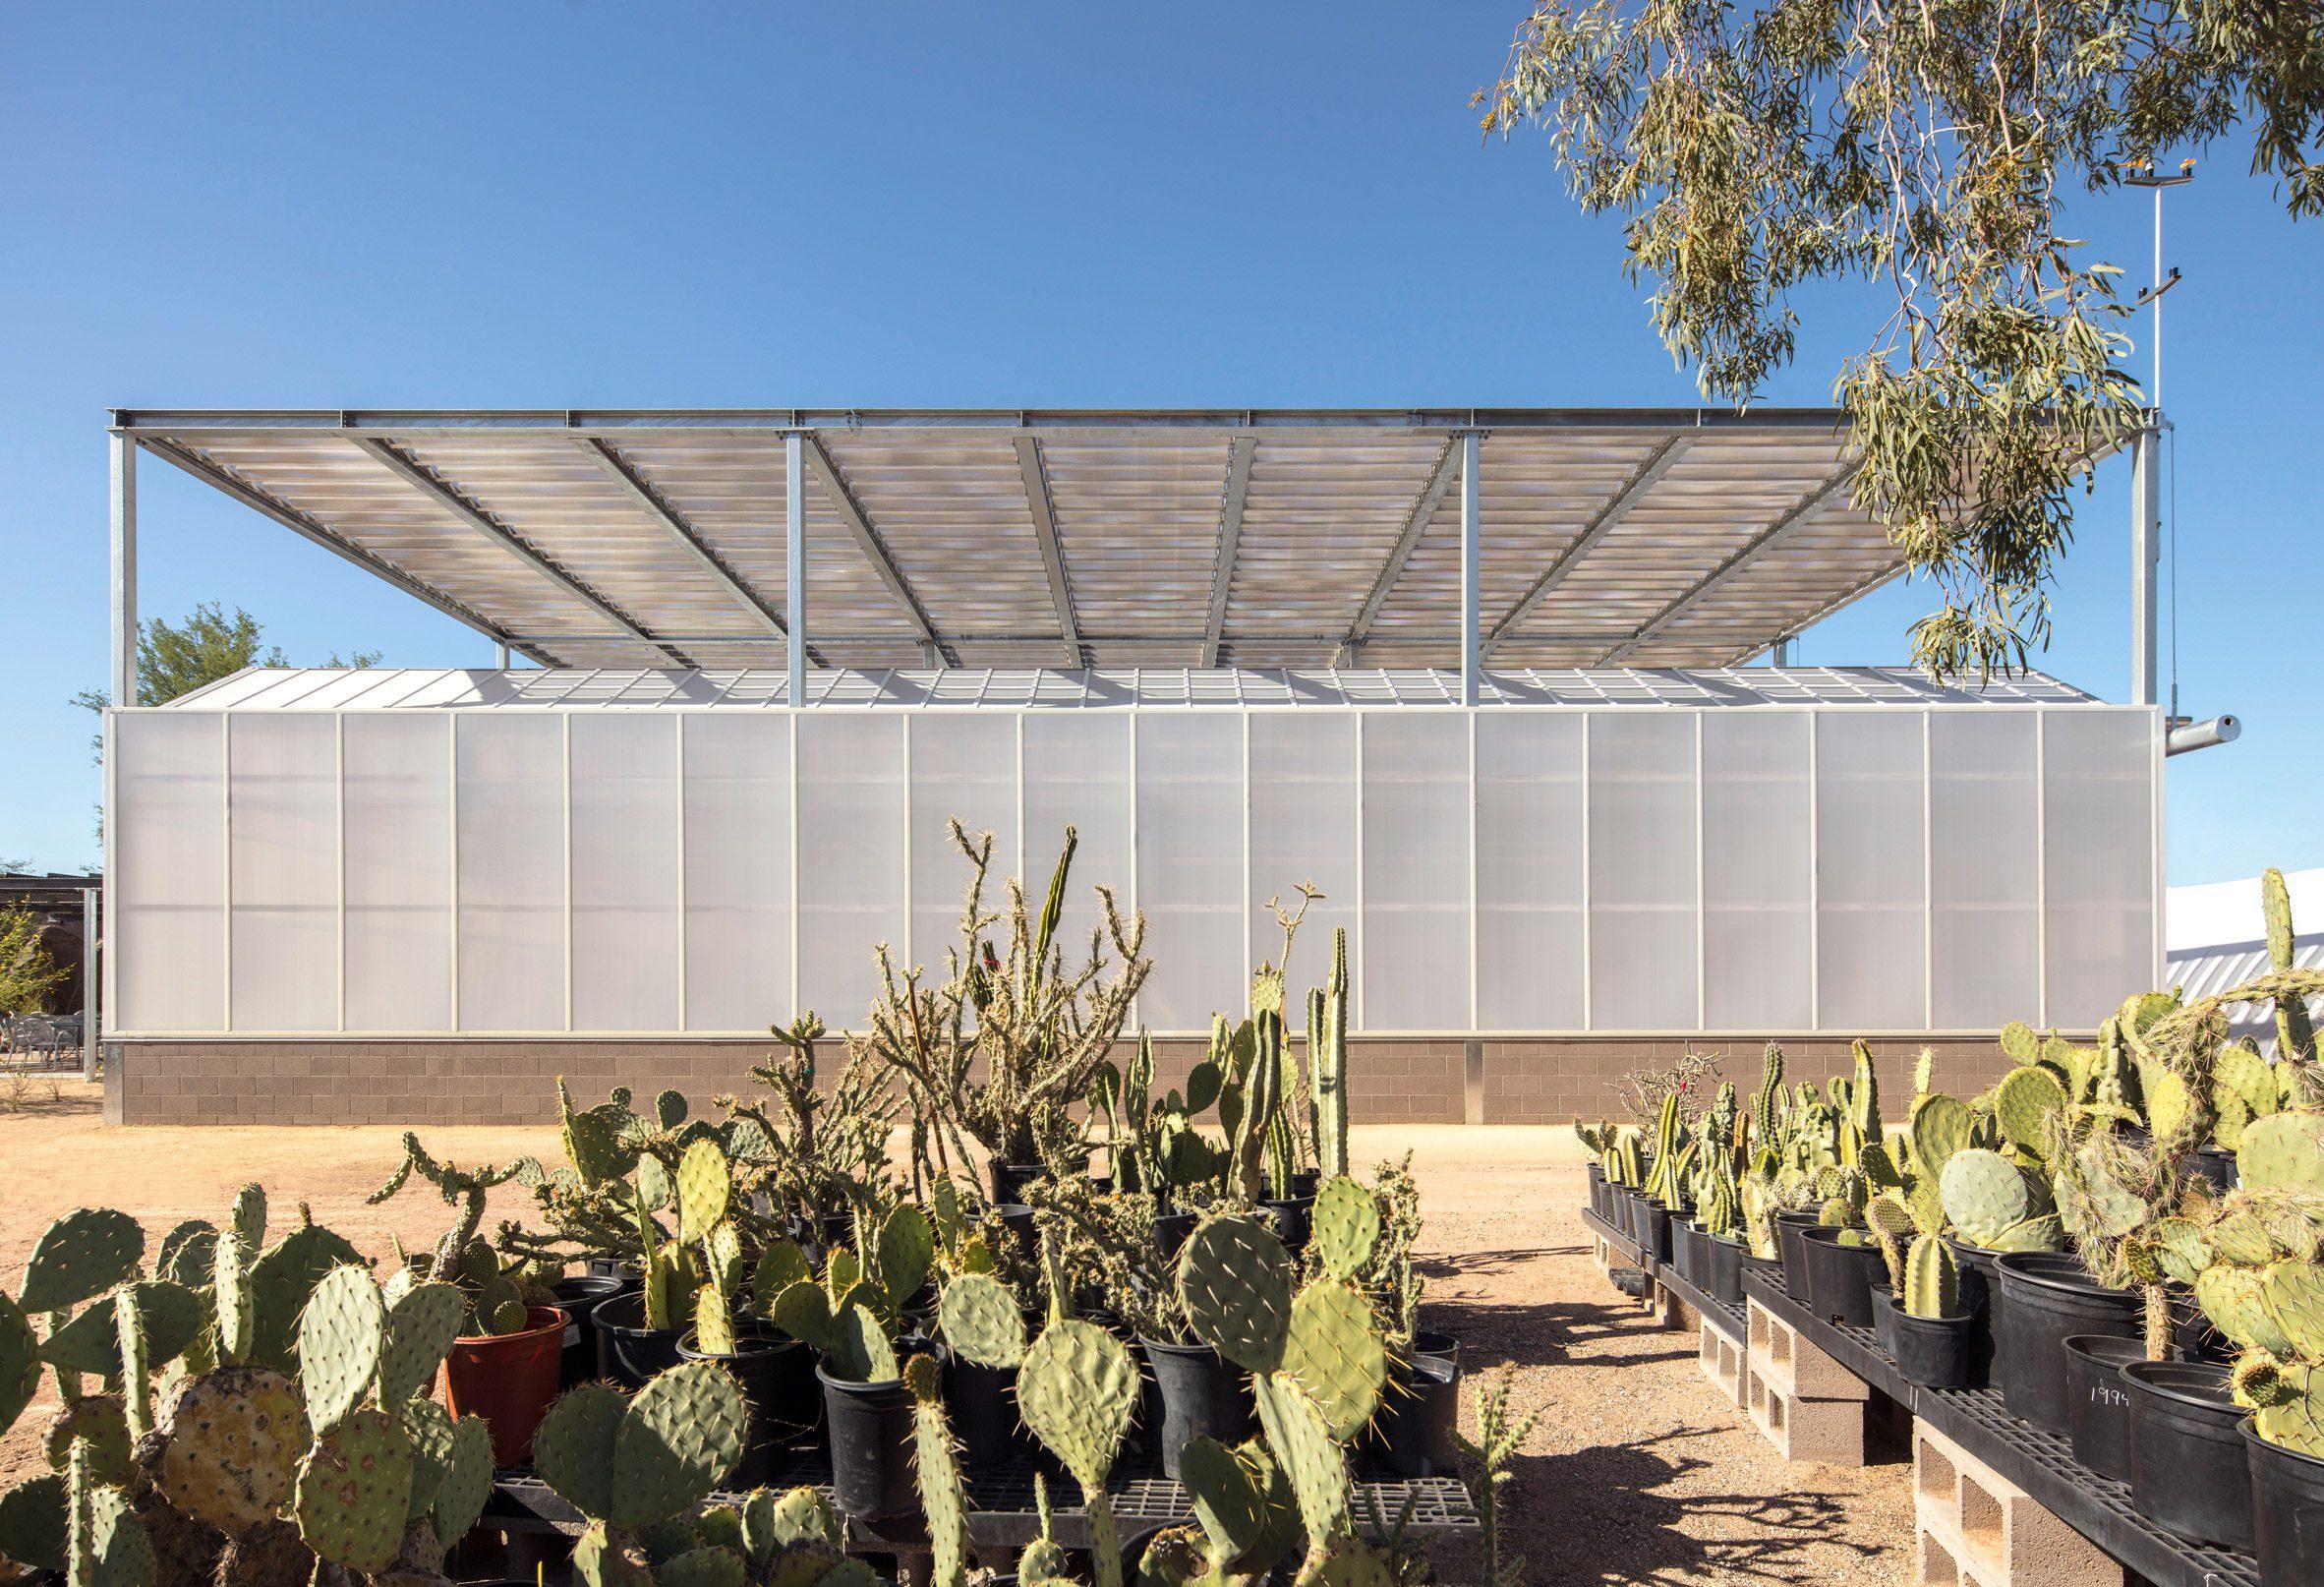 Hazel Hare Center включает в свой дизайн поликарбонат.